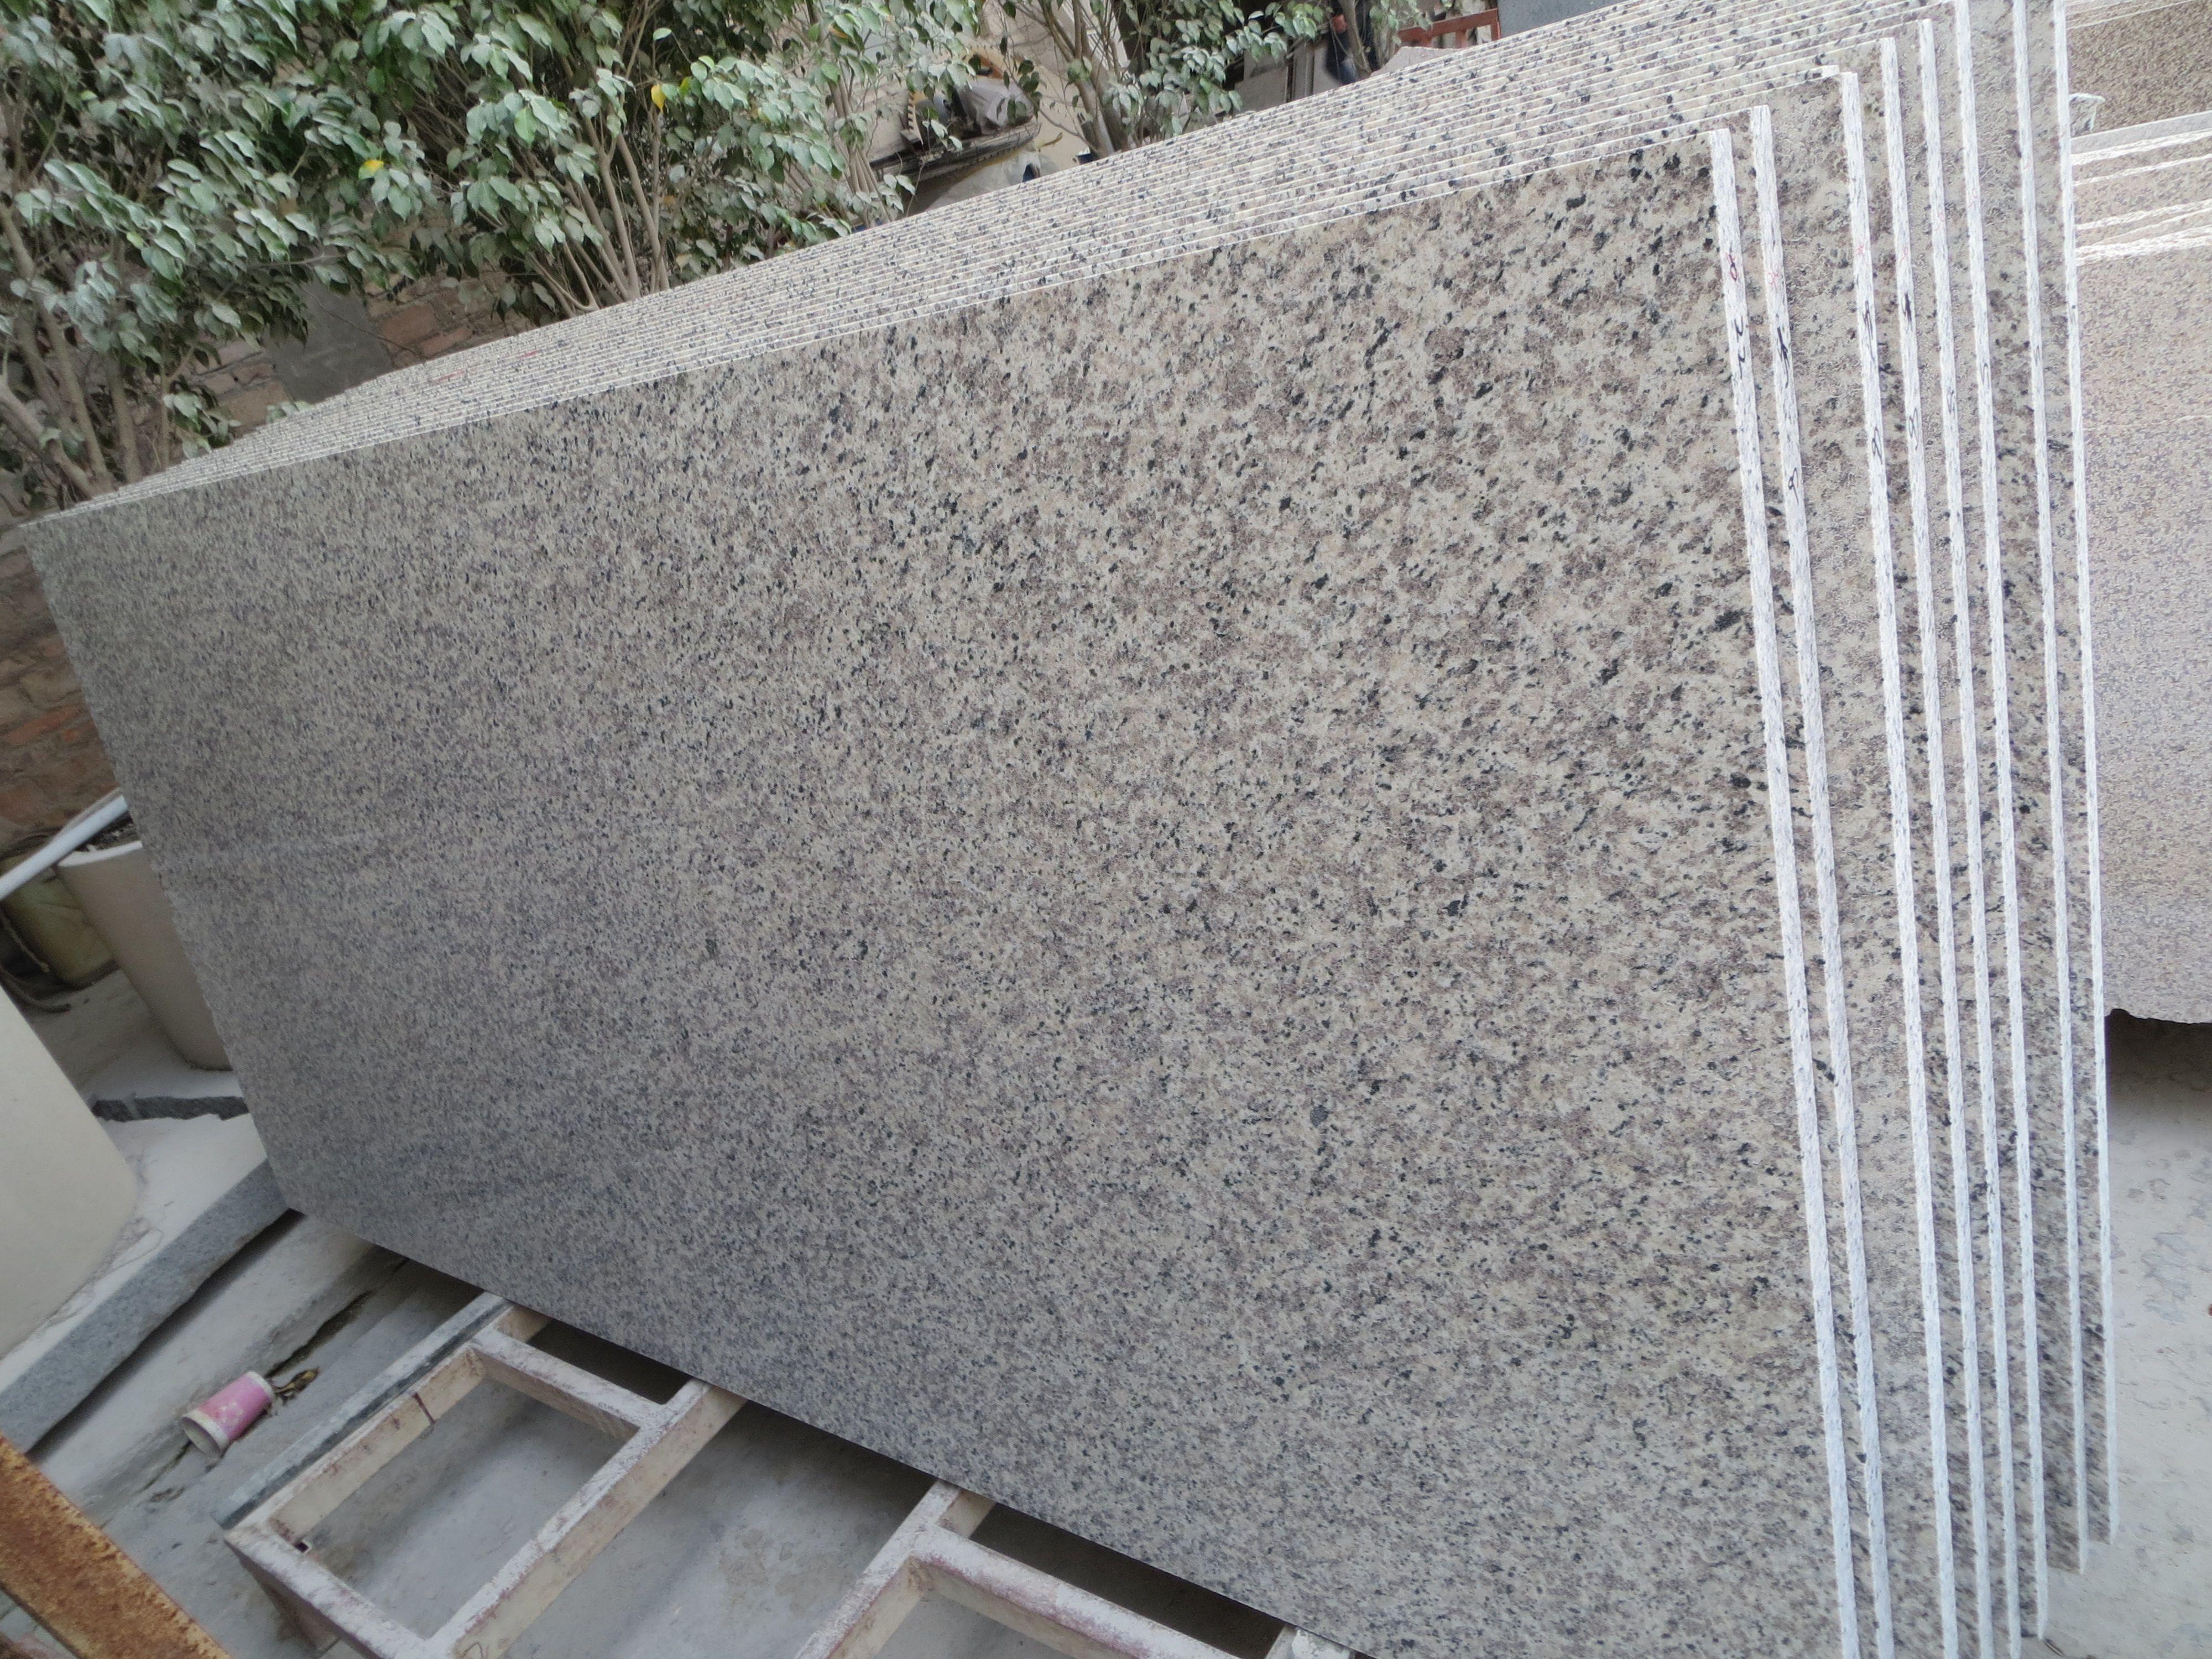 Newstar Supply Ng069 Tiger Skin White Granite Countertop China Factory Granite Countertop Q Granite Stone Countertops Countertop Inspiration Cement Countertops